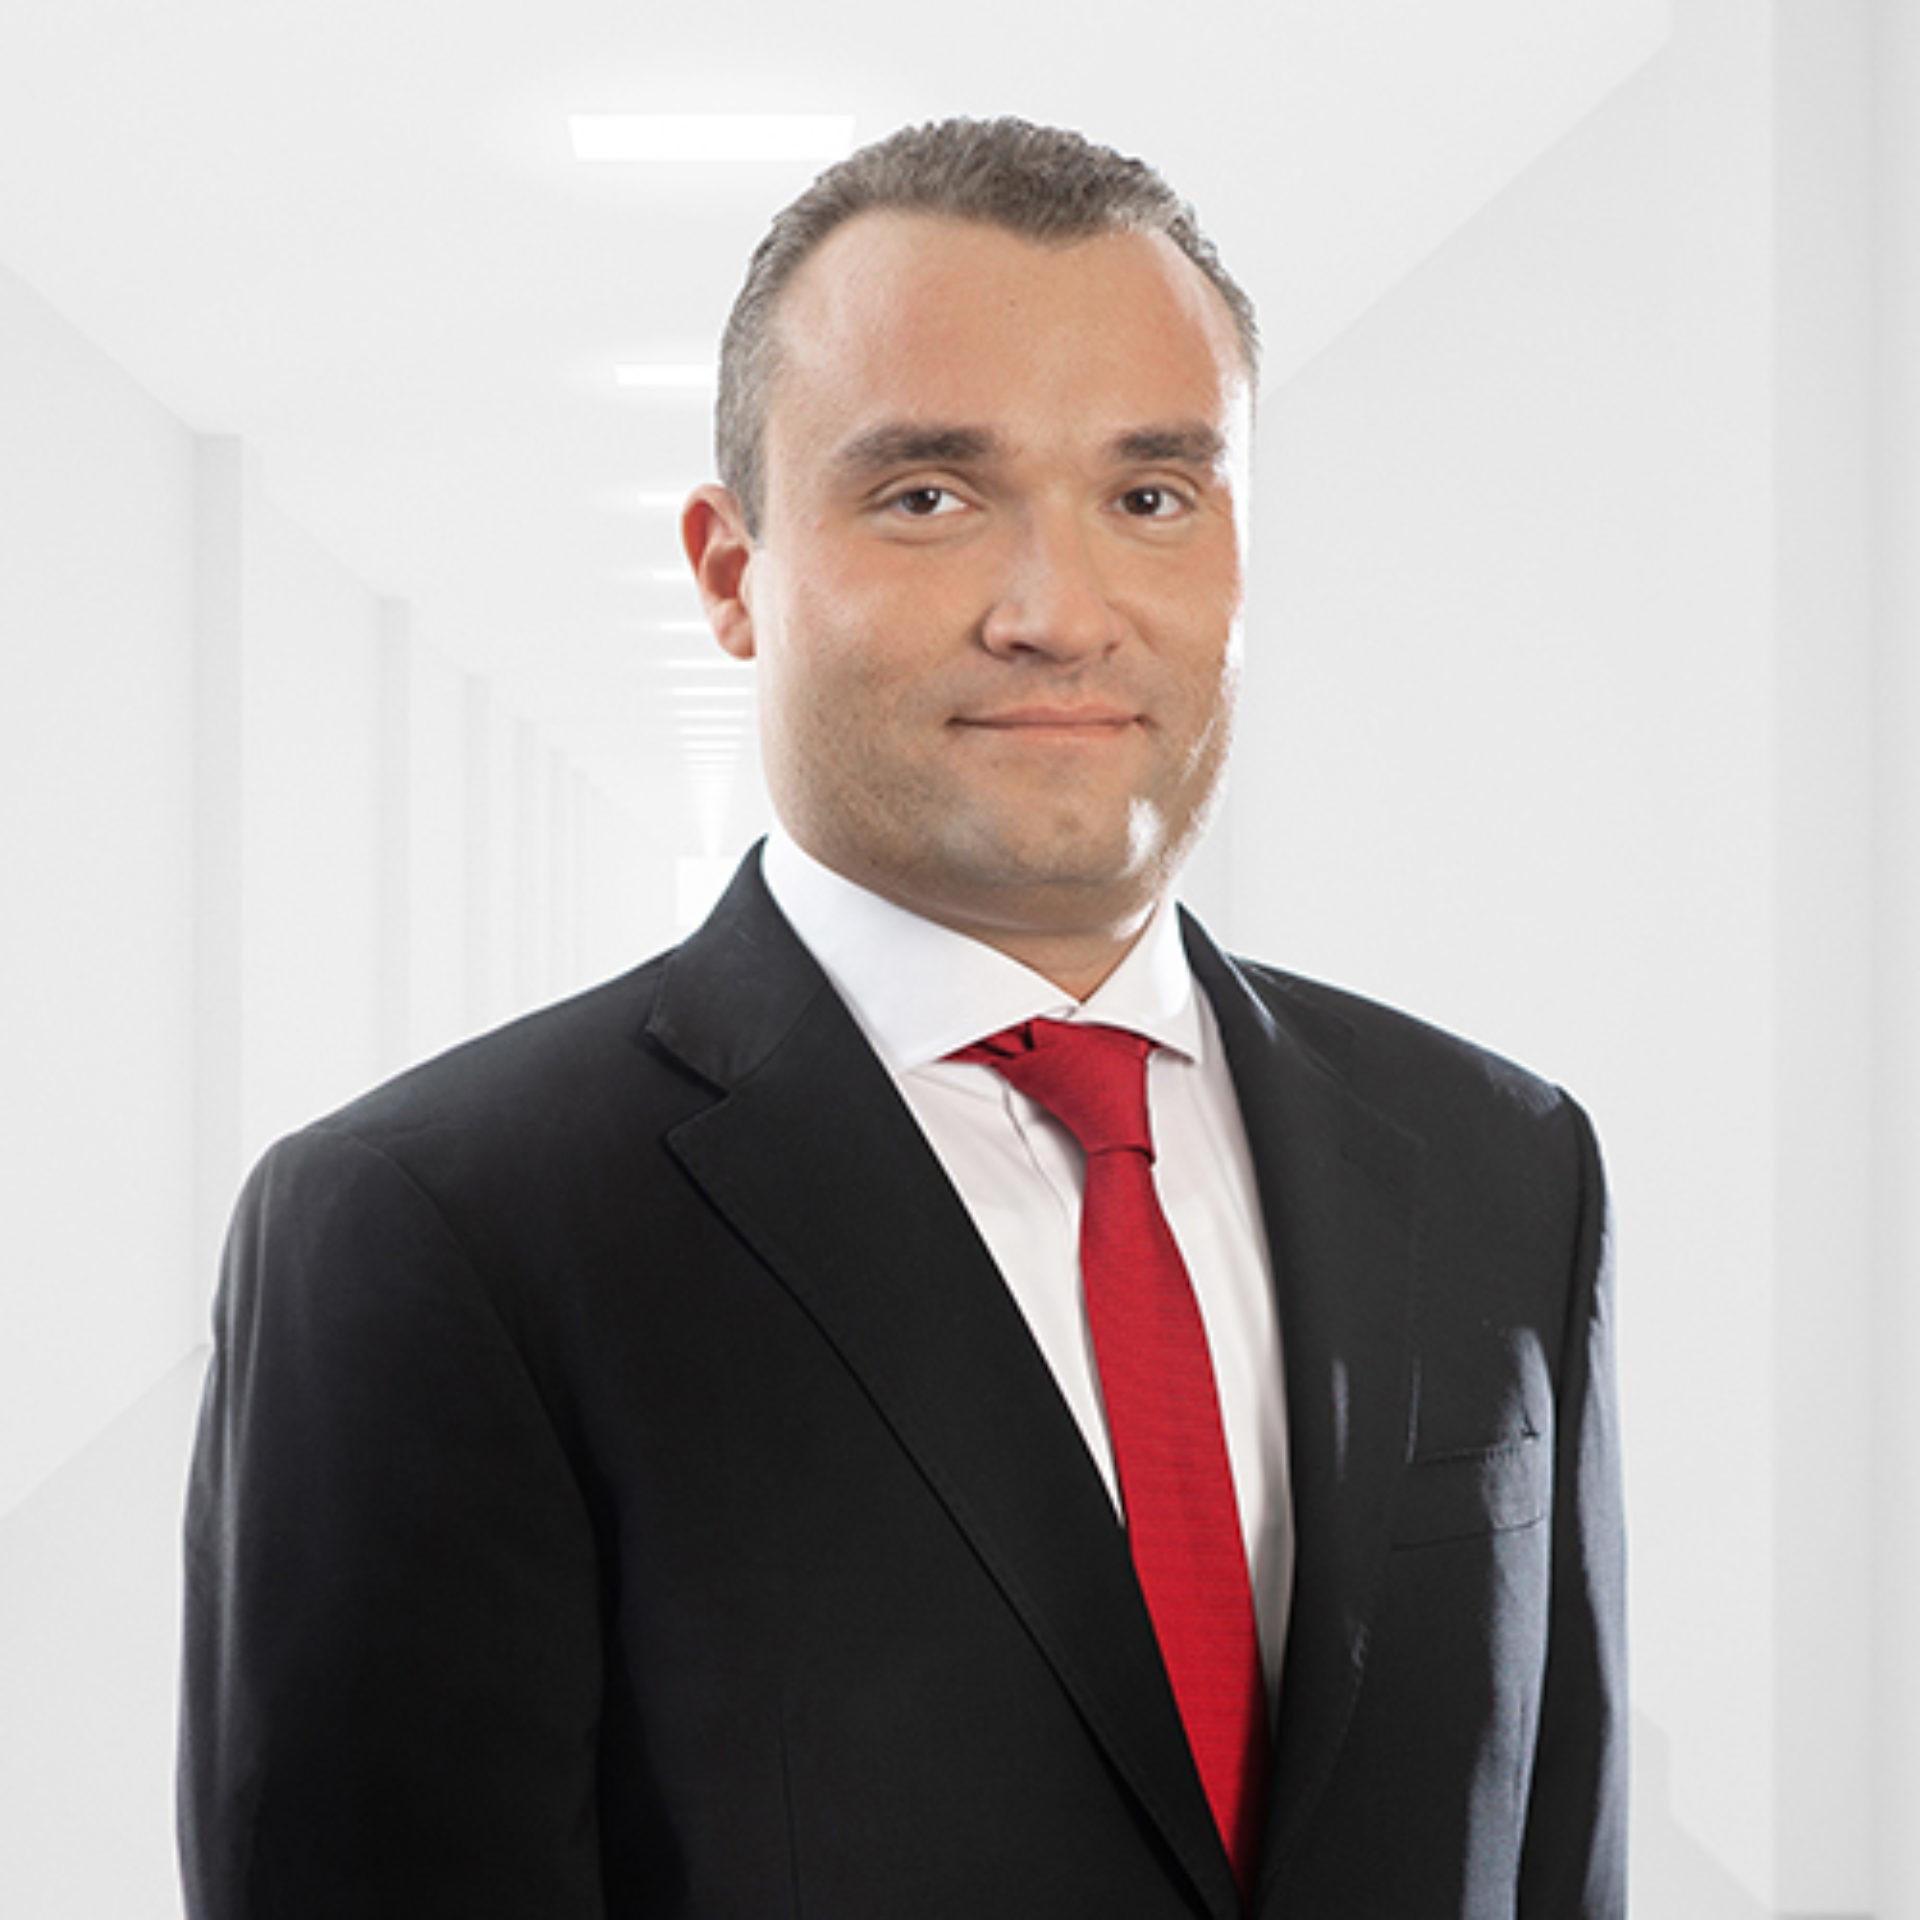 Octavius Mihaies BG23